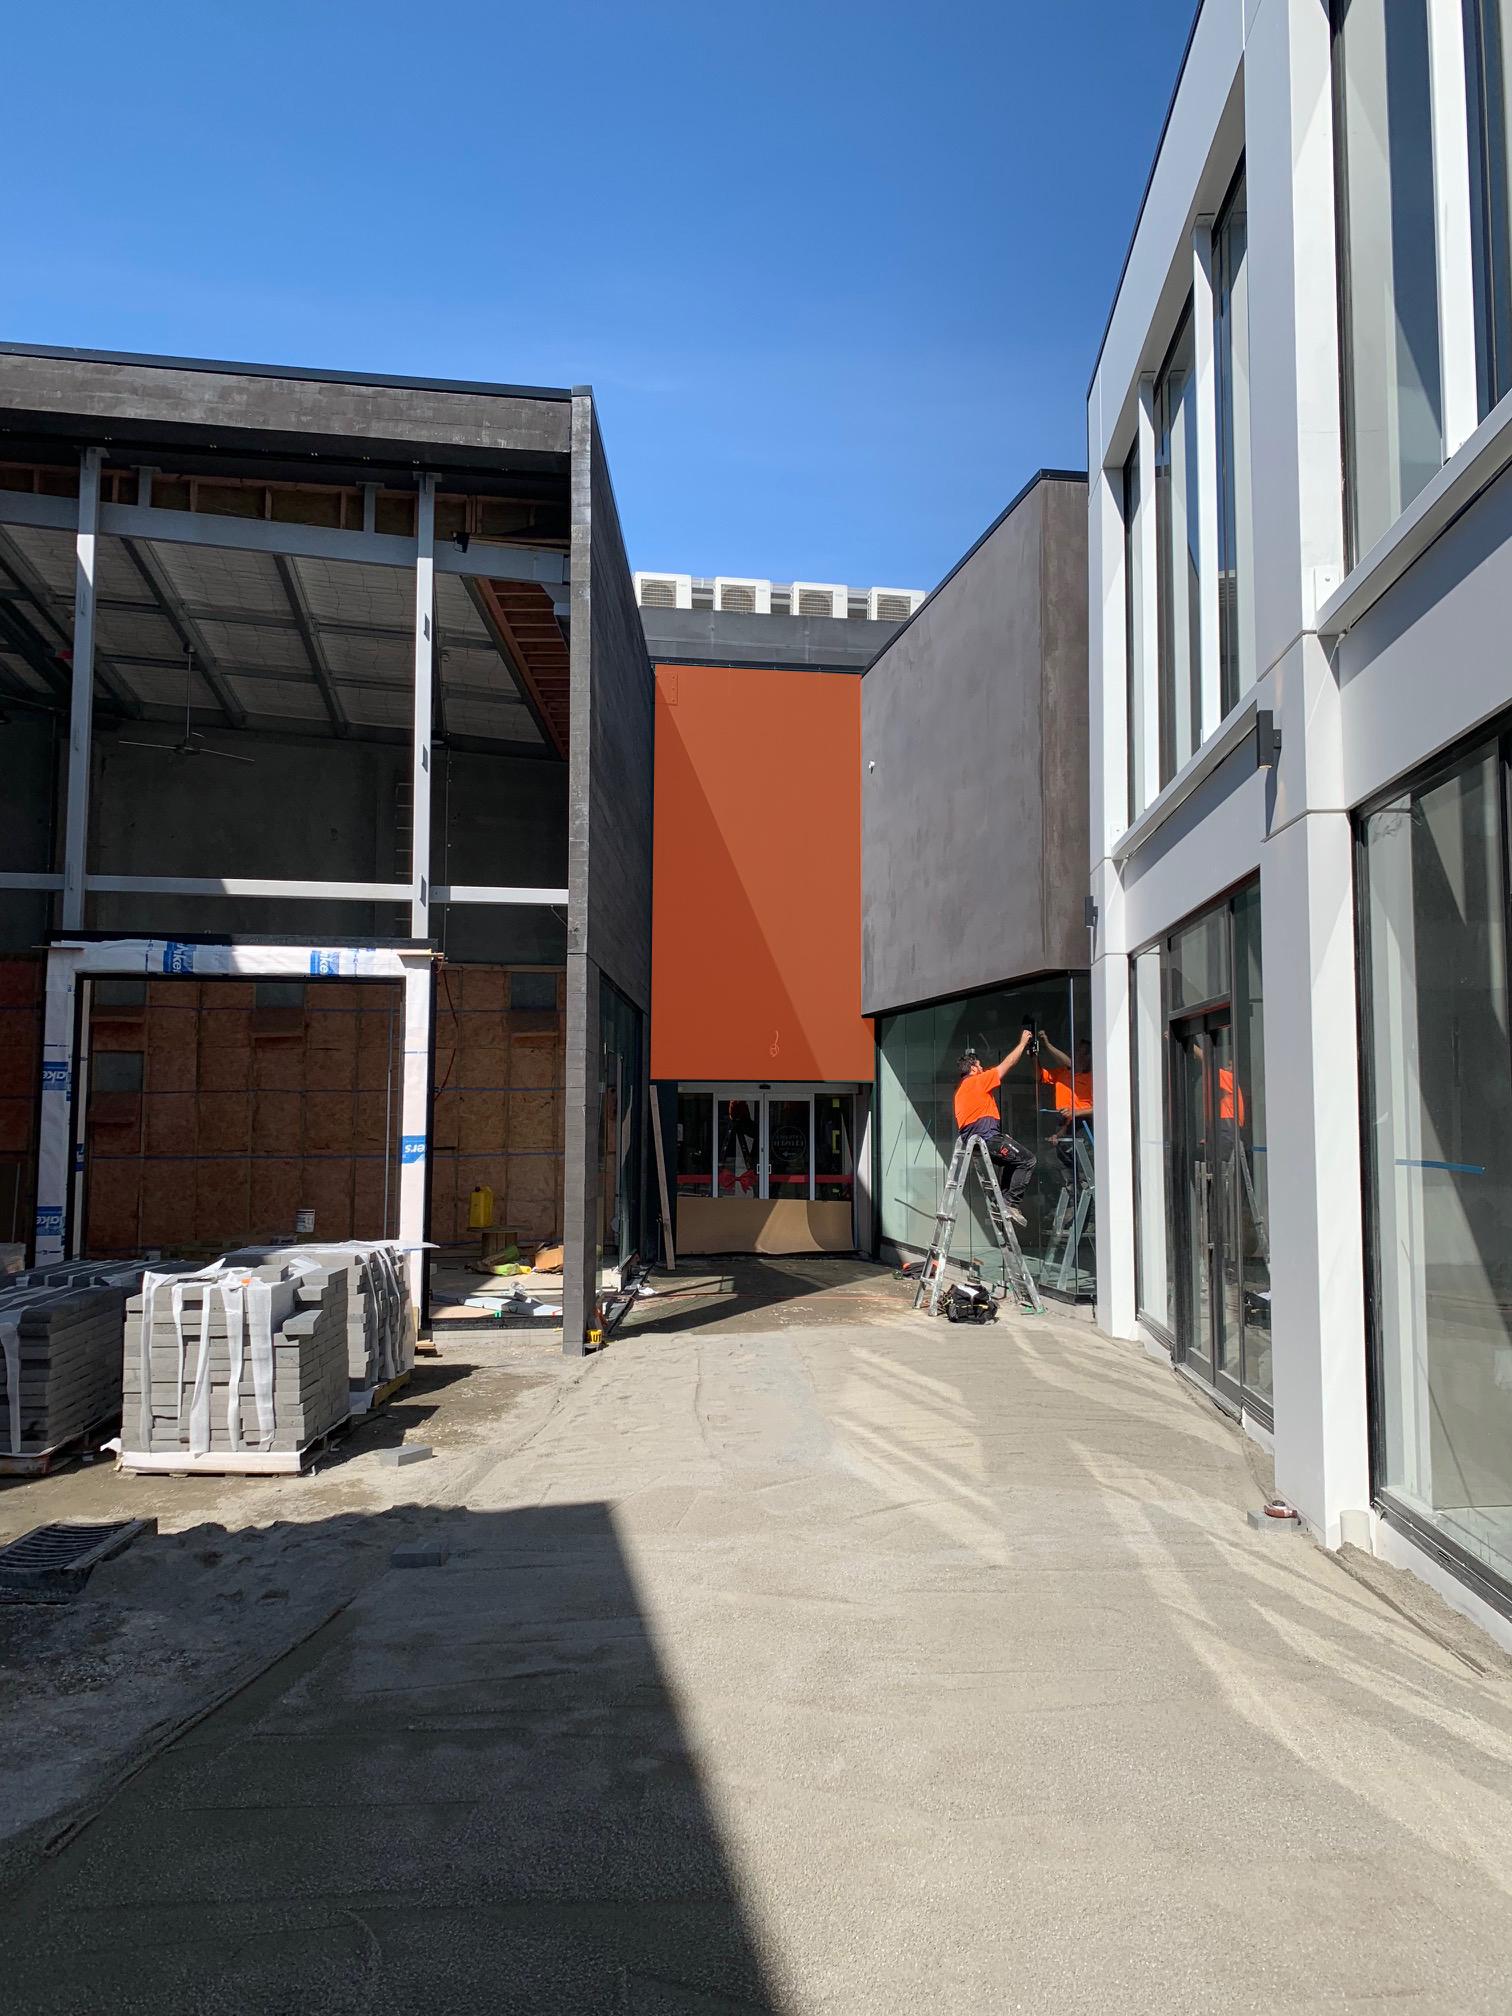 Orange area denotes approximate art space area